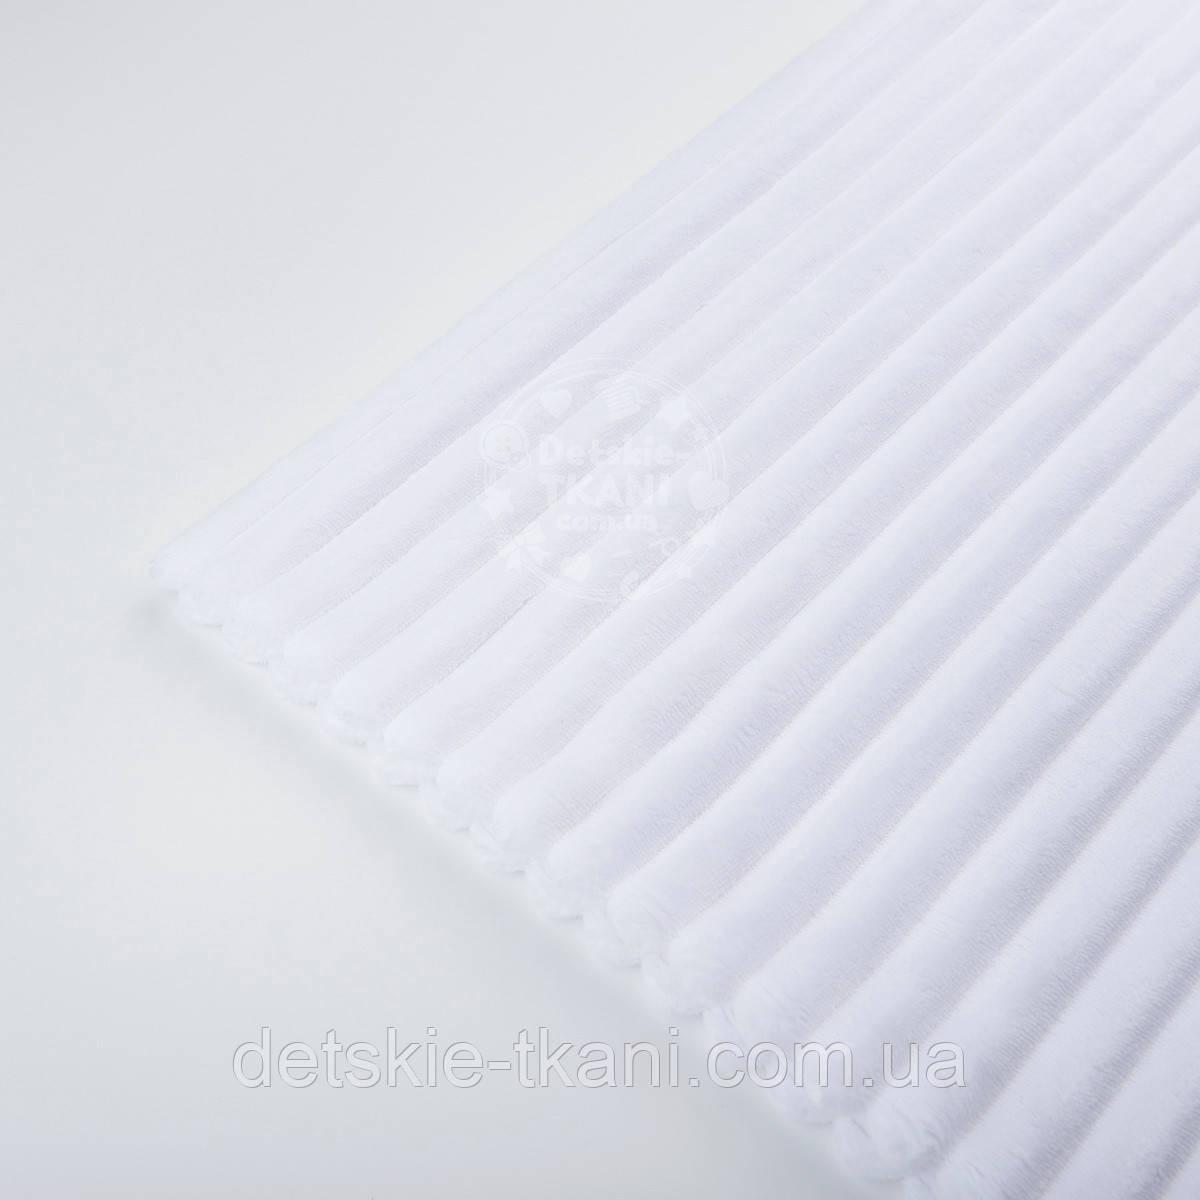 Лоскут плюша в полоску Stripes, цвет белый, размер 100*80 см (есть загрязнение)